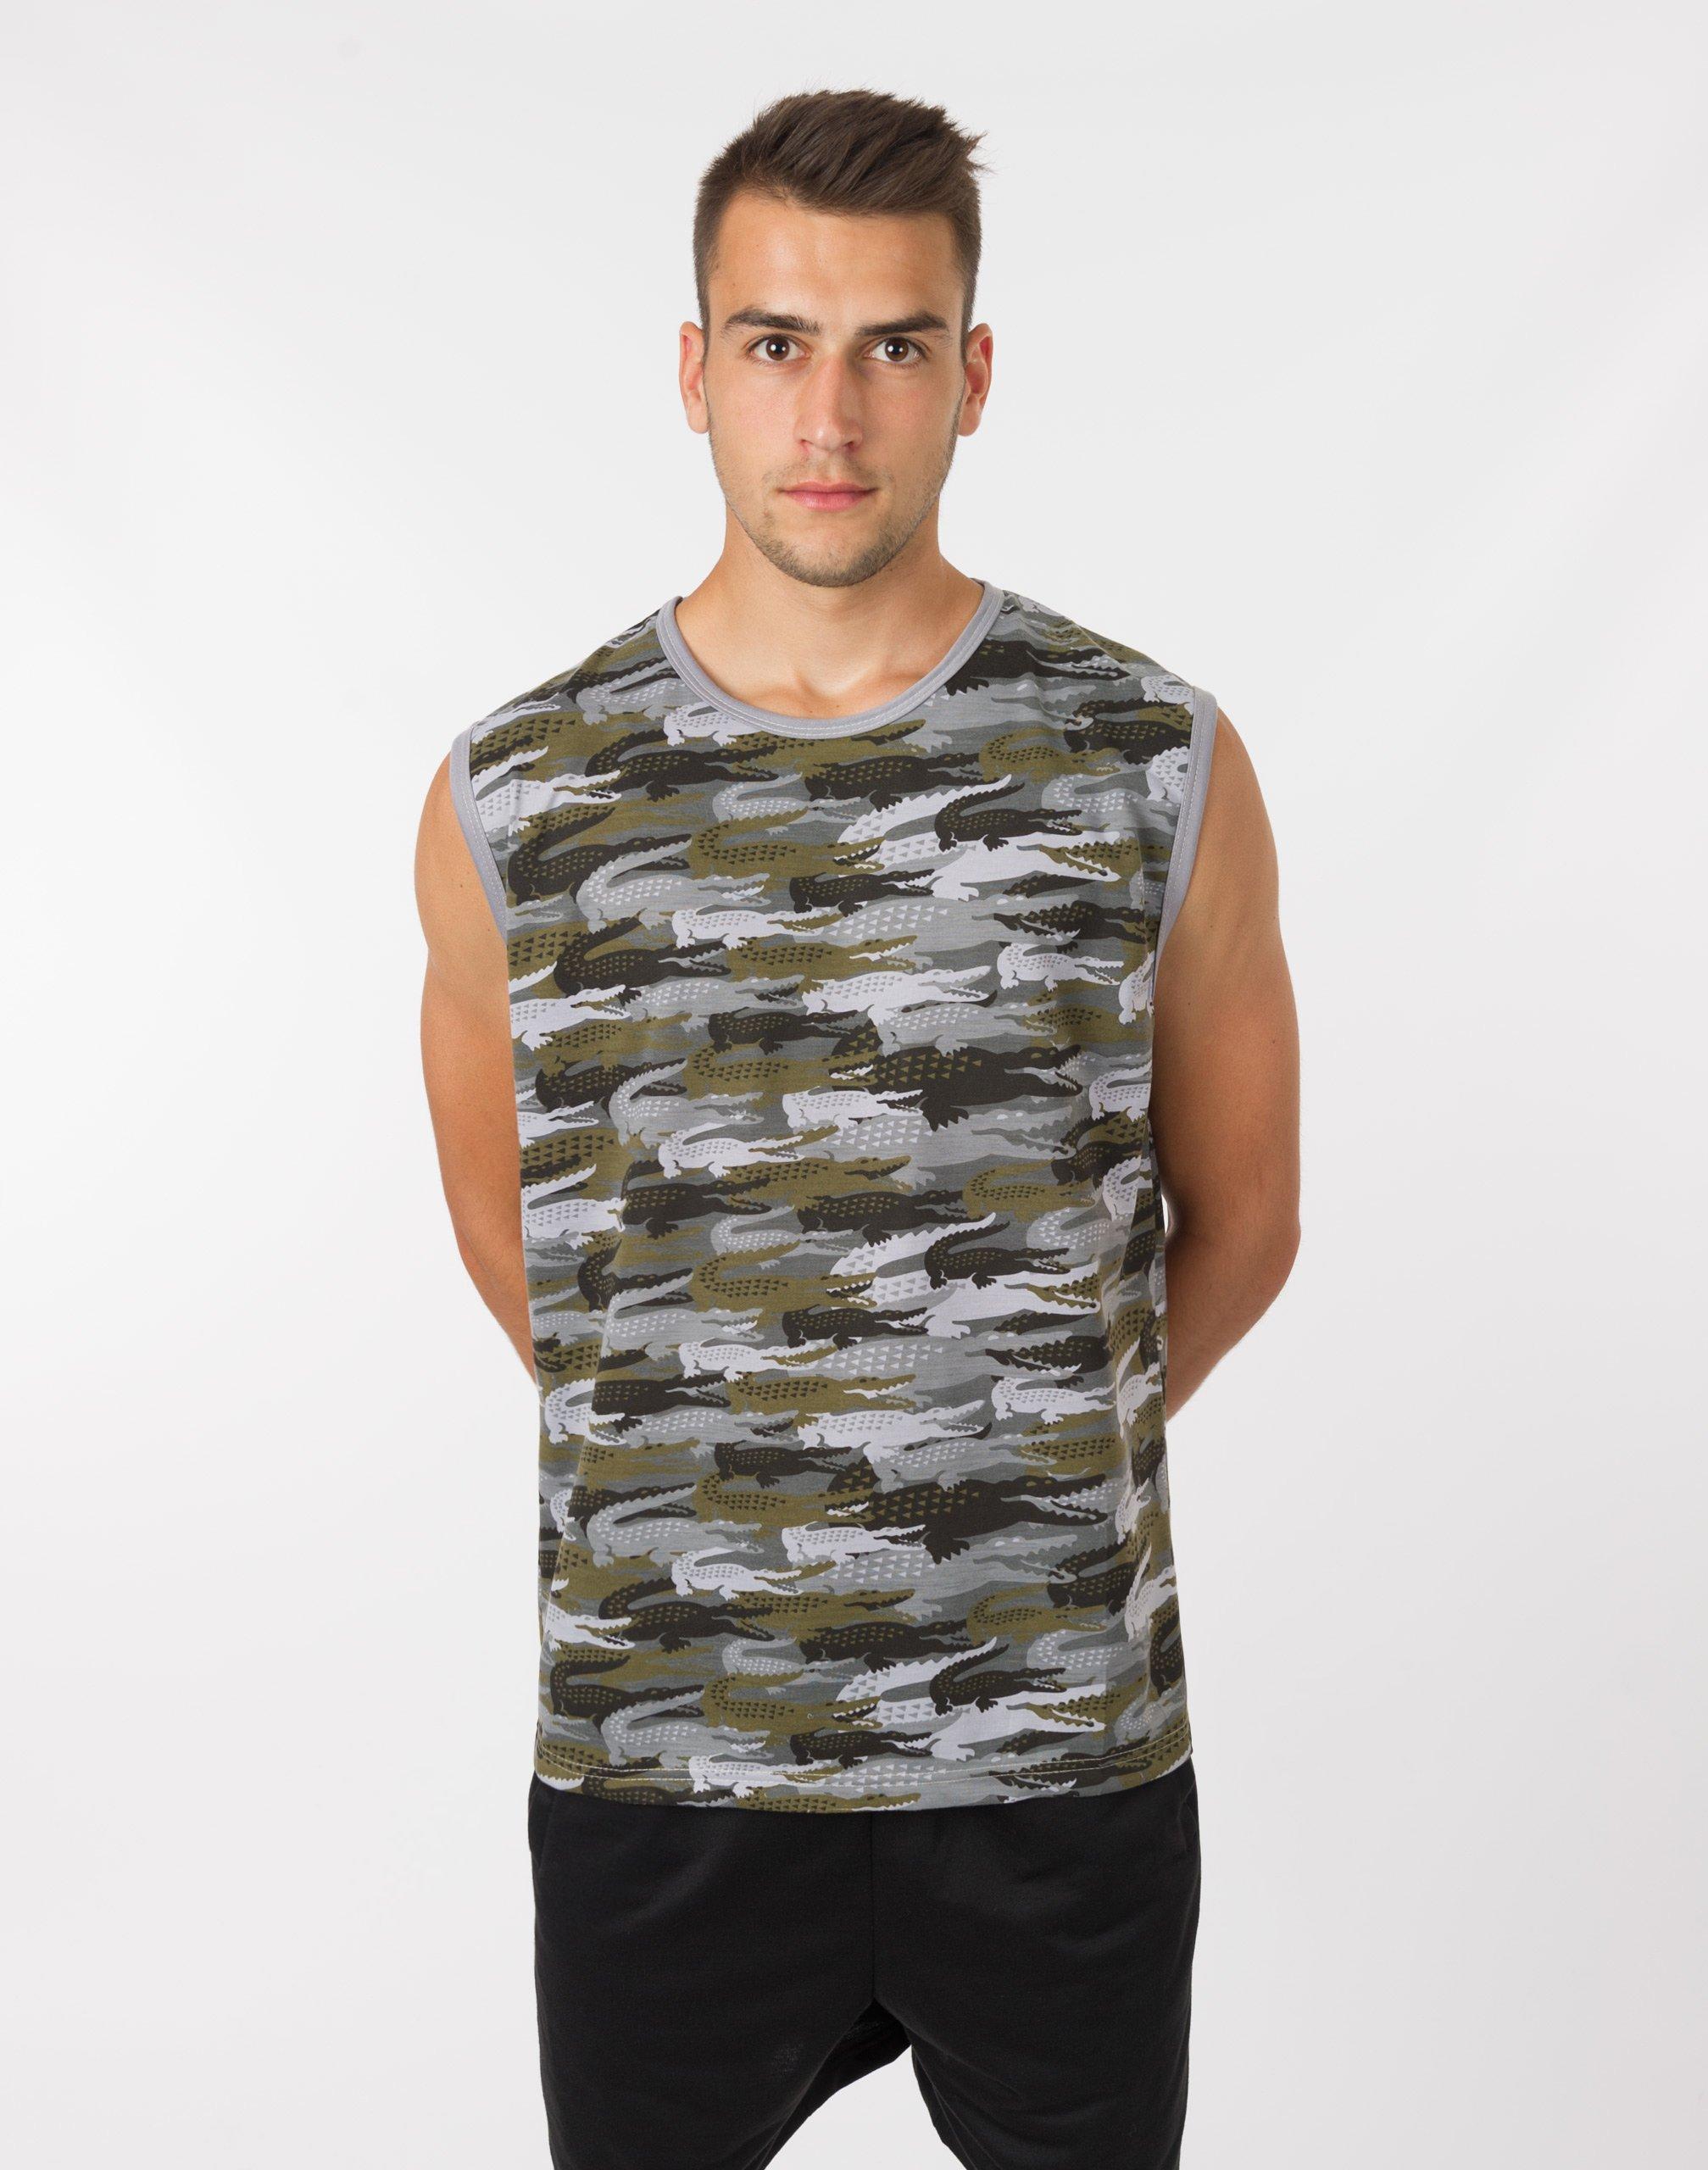 T shirt Koszulka Bez Rękawów Męska Moro 497 03 XXL  Y88MW